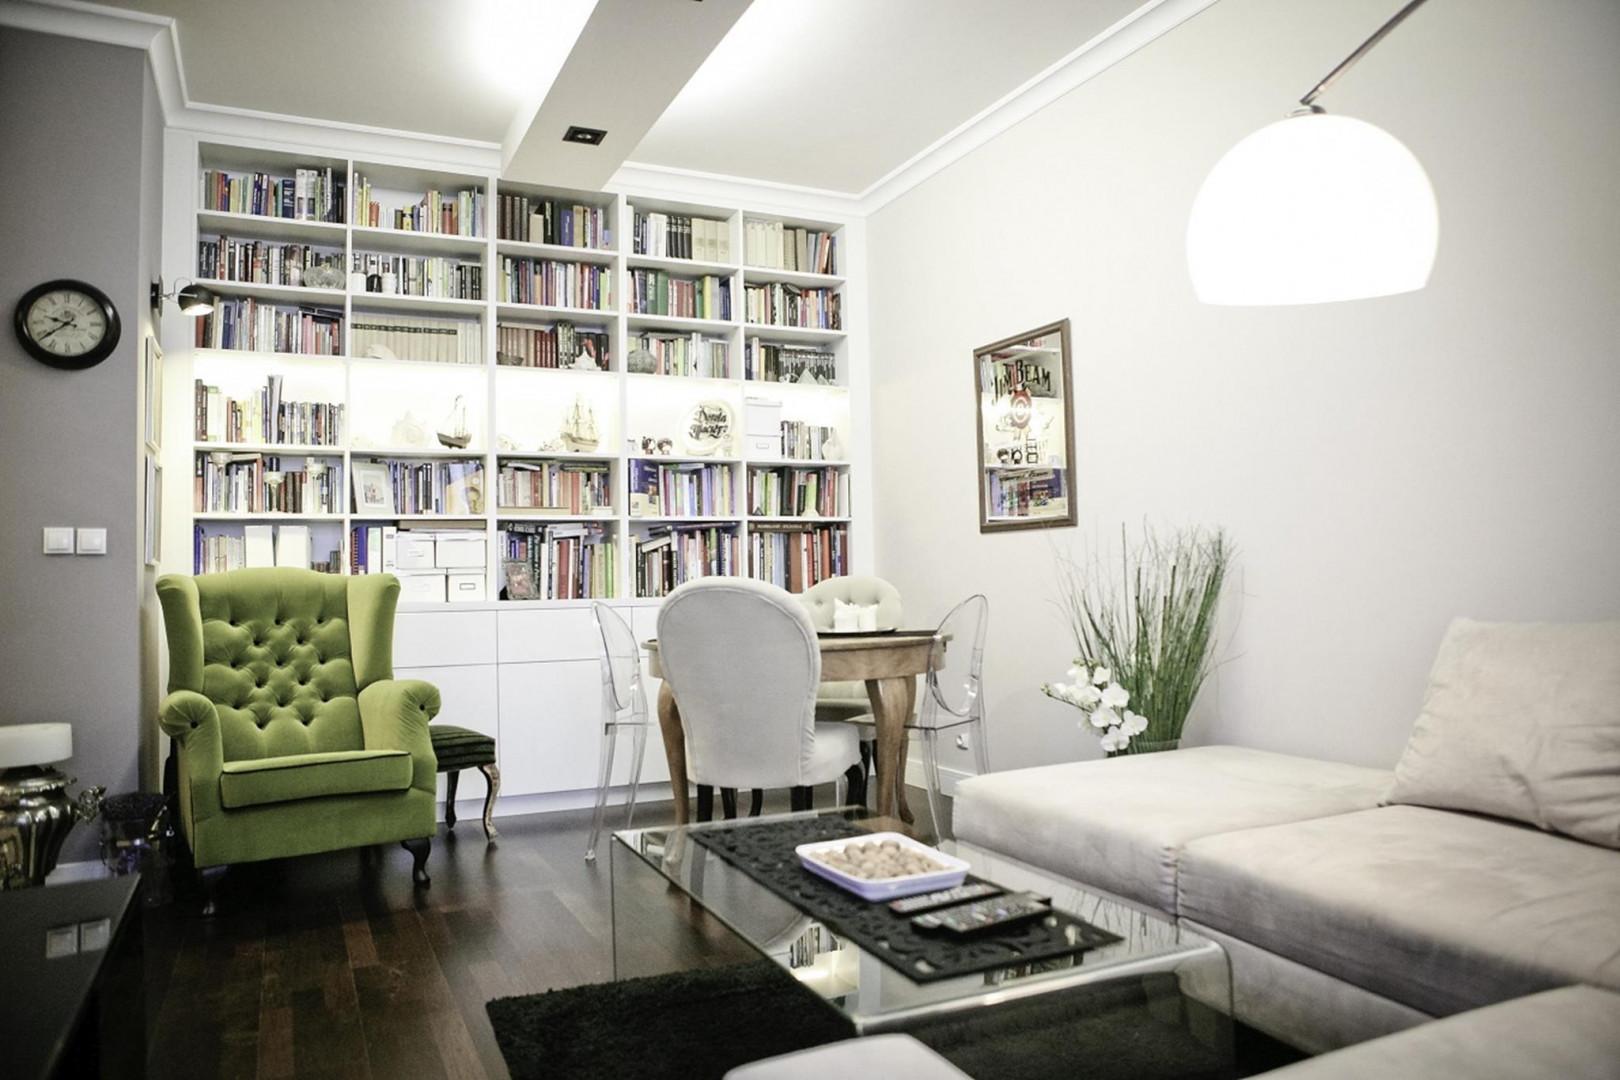 Niewielkie mieszkania wymagają rozwiązań, dzięki którym zagospodarujemy każdy centymetr dostępnej powierzchni. Fot. The Space